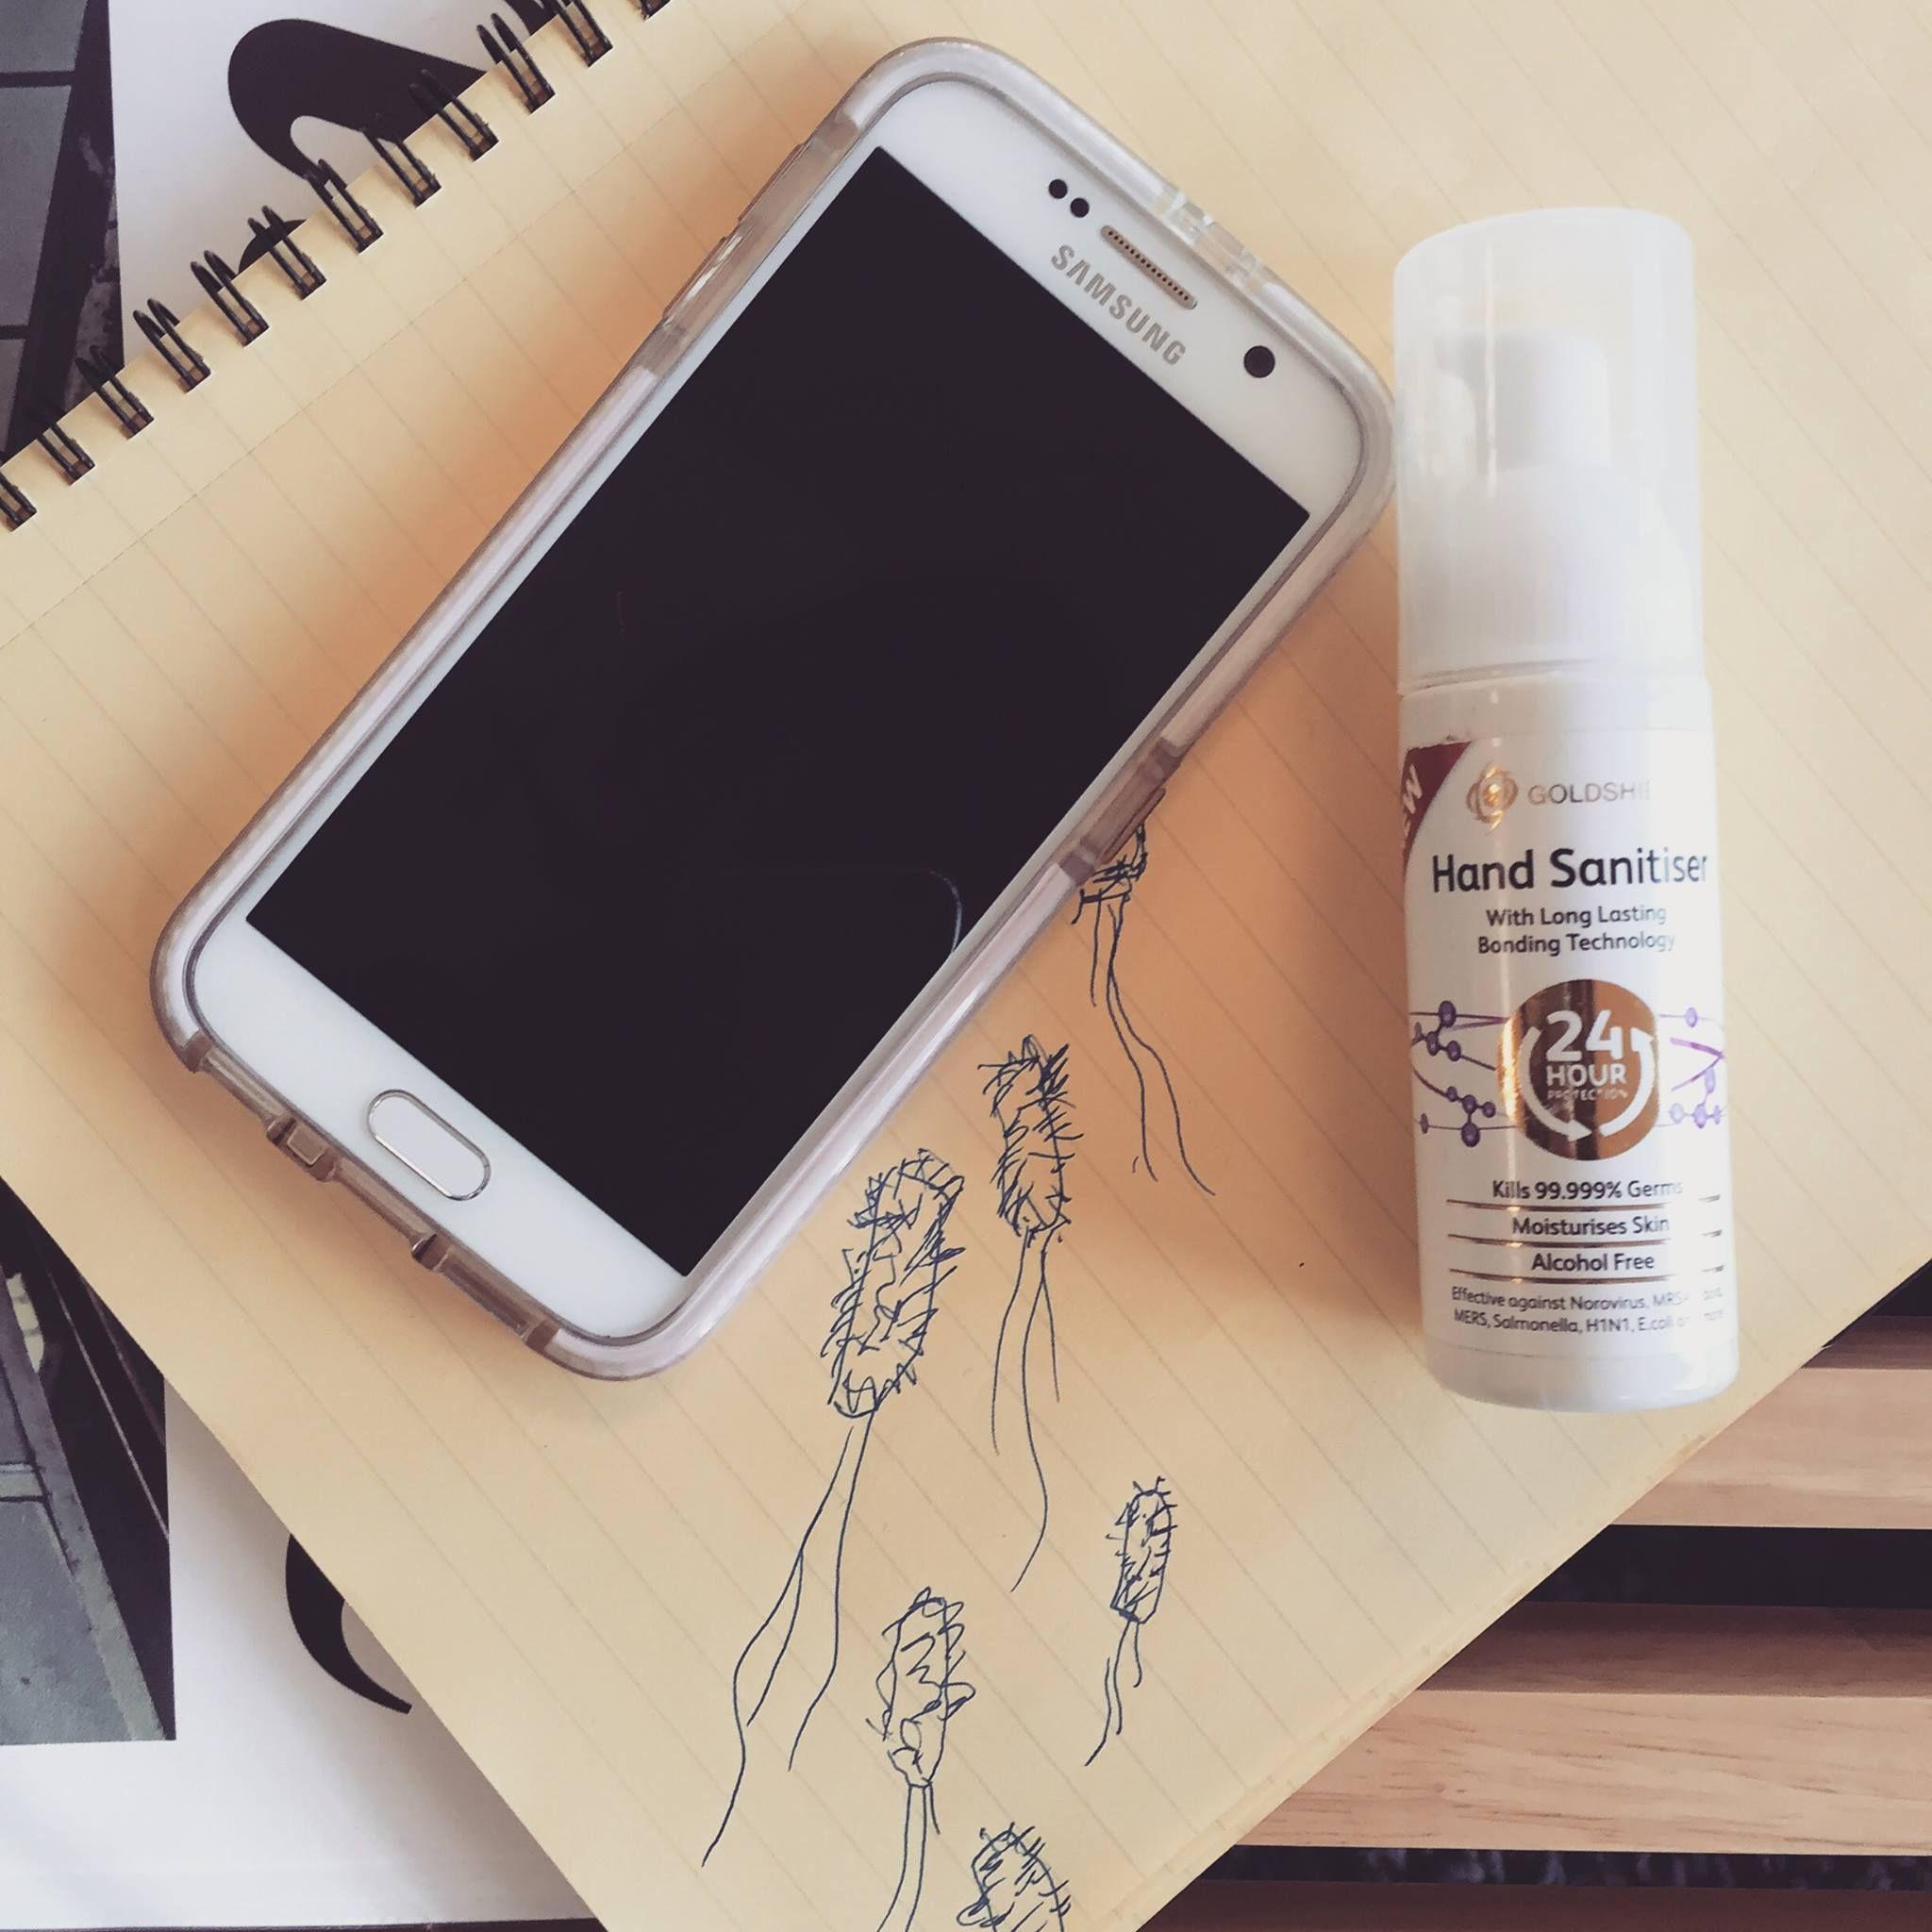 Jao Hand Sanitizer 2oz Hand Sanitizer Makeup Kit Beauty Blender